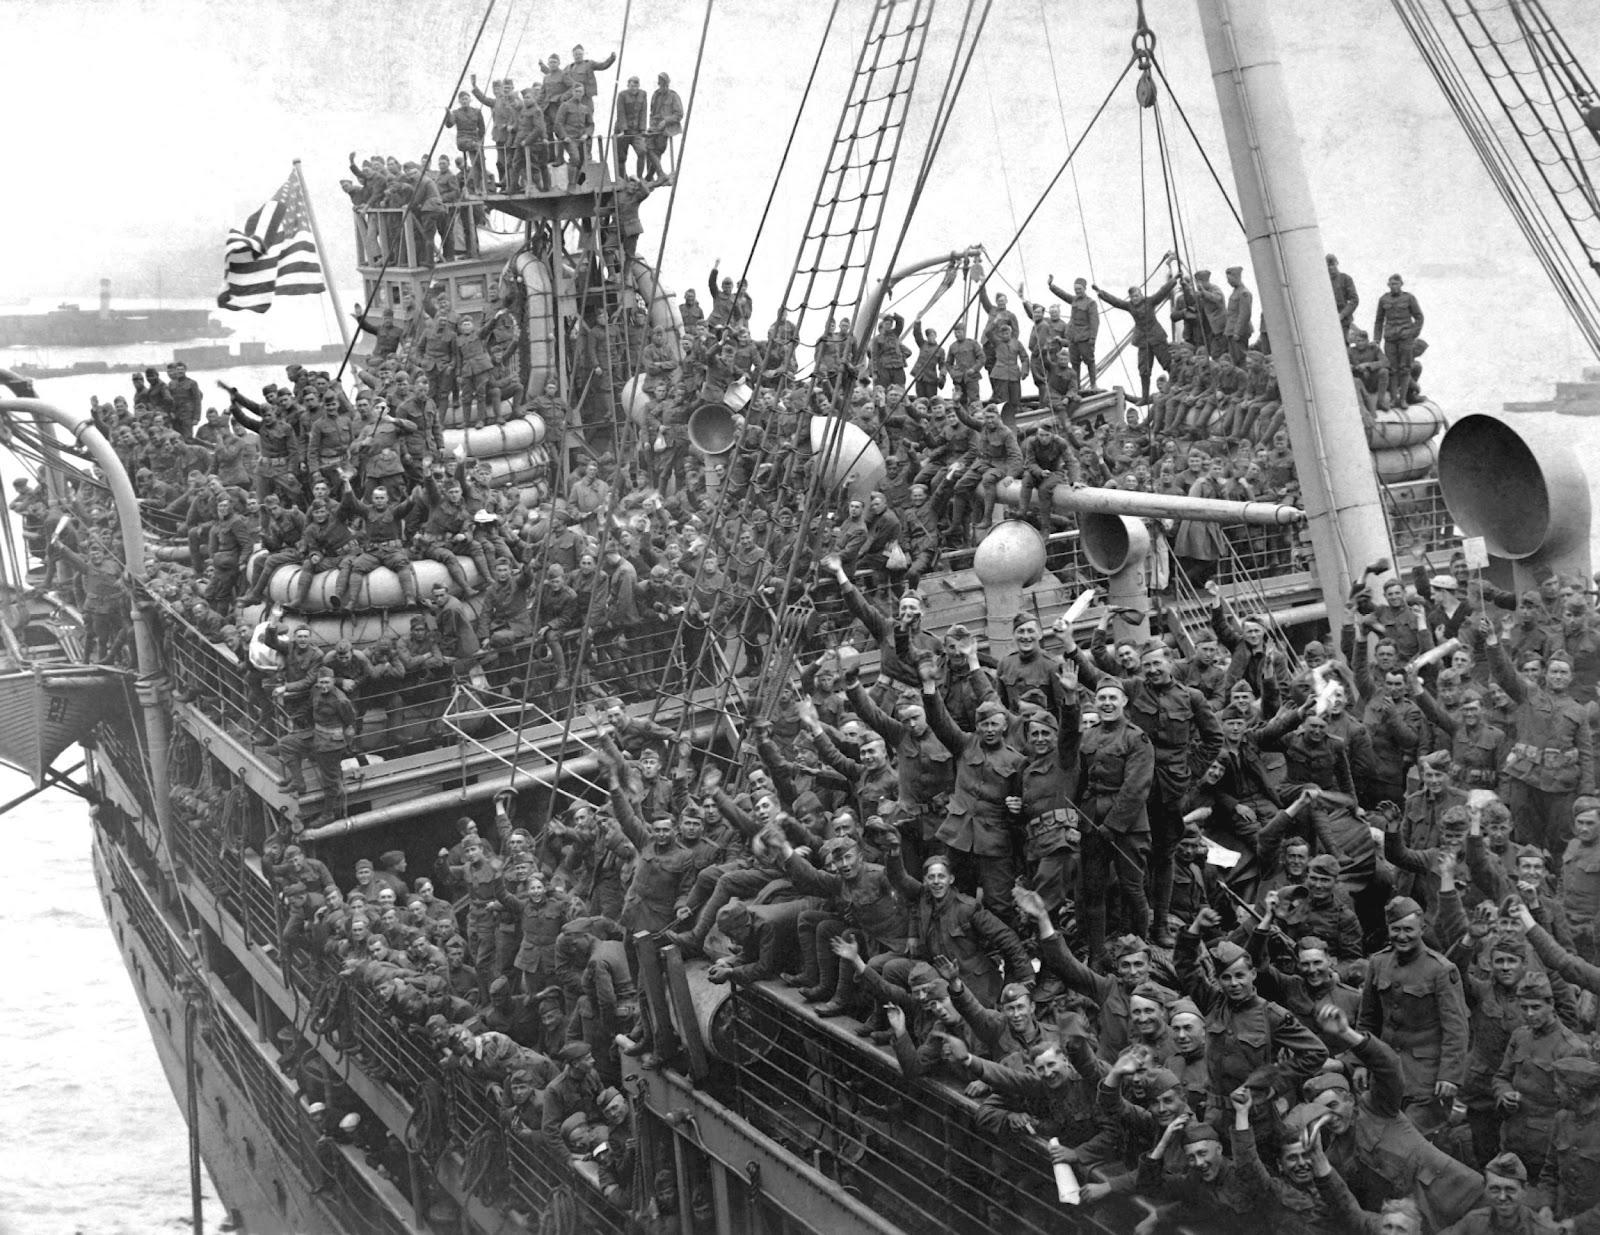 1918. Amerikai katonák hazatérése, Hoboken, New Jersey.jpg